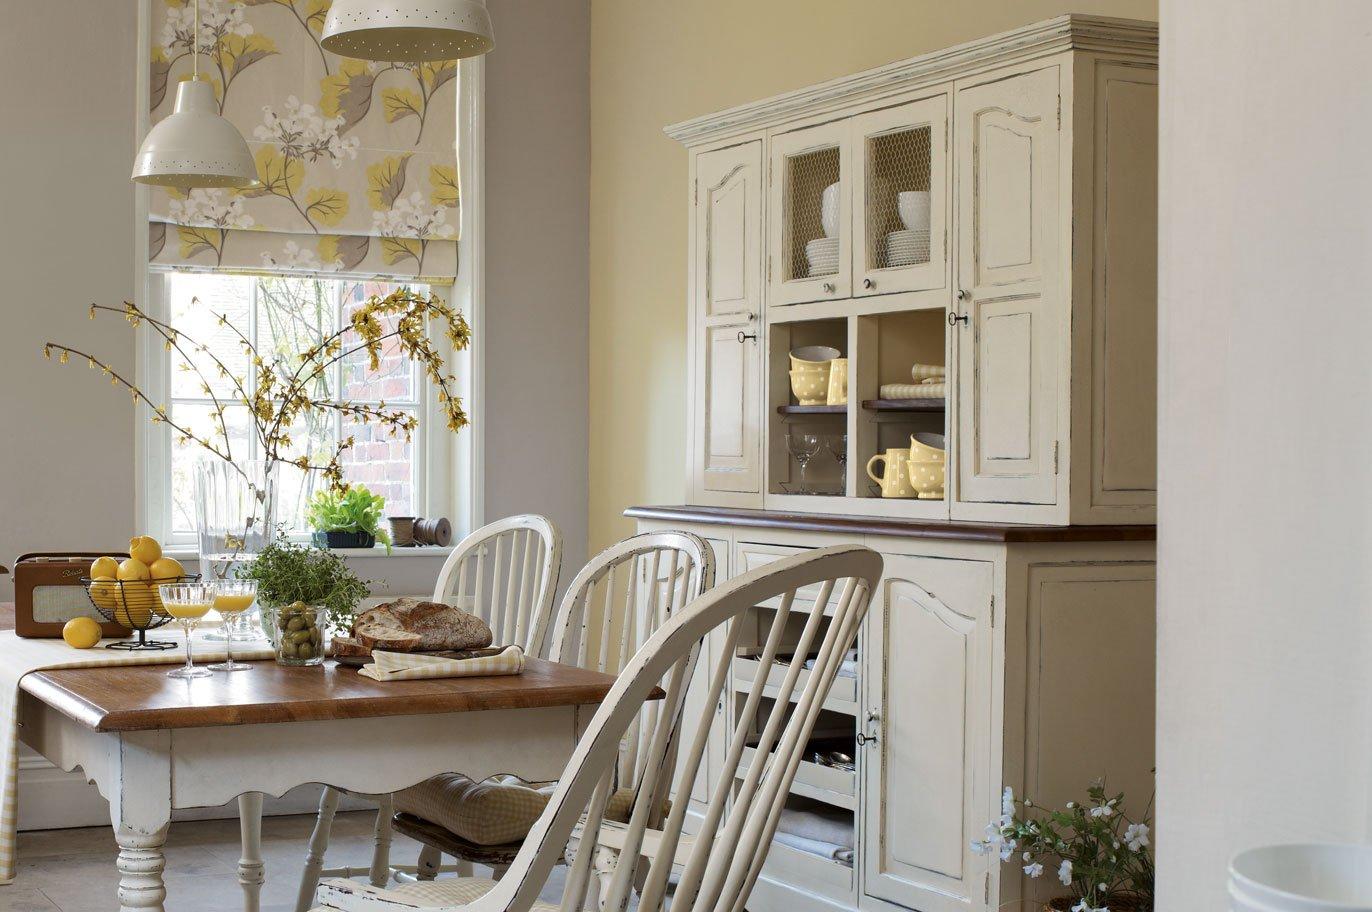 Muebles para una cocina de estilo ingl s decoraci n del for Sillones de cocina